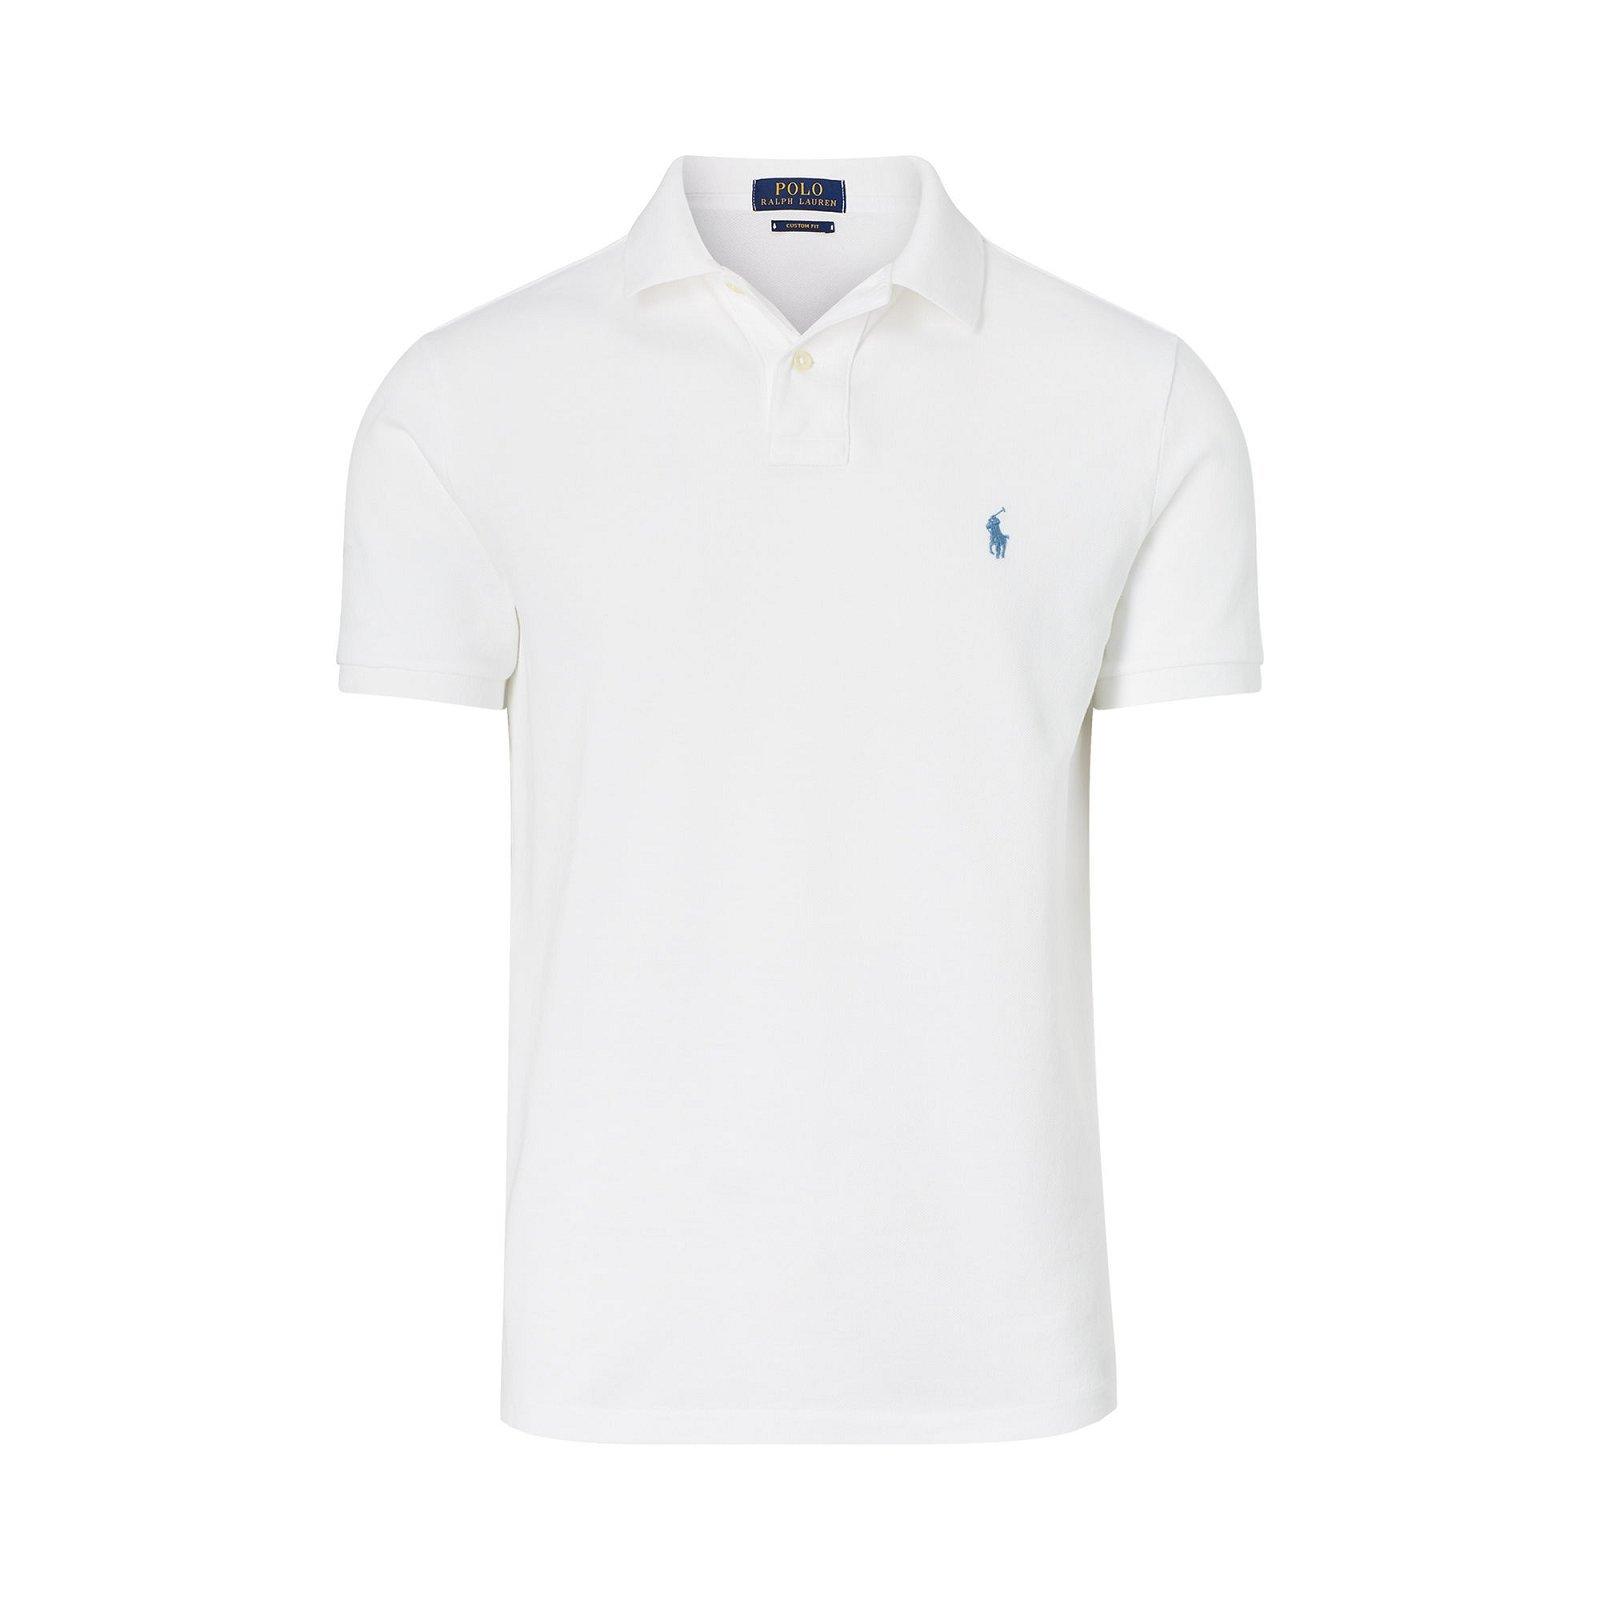 polo blanc logo bleu clair. Polo uni pour homme Ralph Lauren Slim   - Col  polo côtelé. fc797eadca6